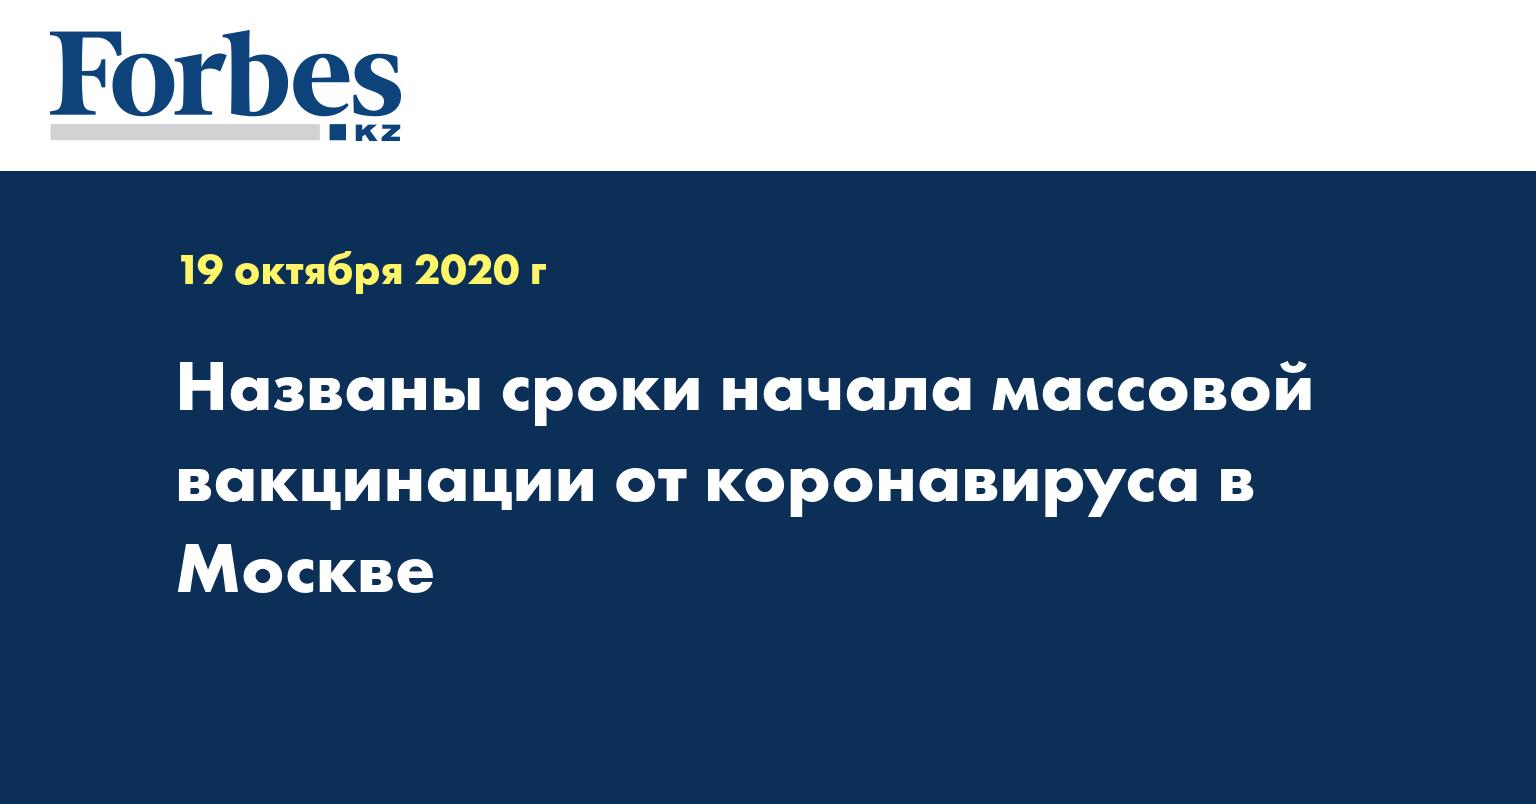 Названы сроки начала массовой вакцинации от коронавируса в Москве